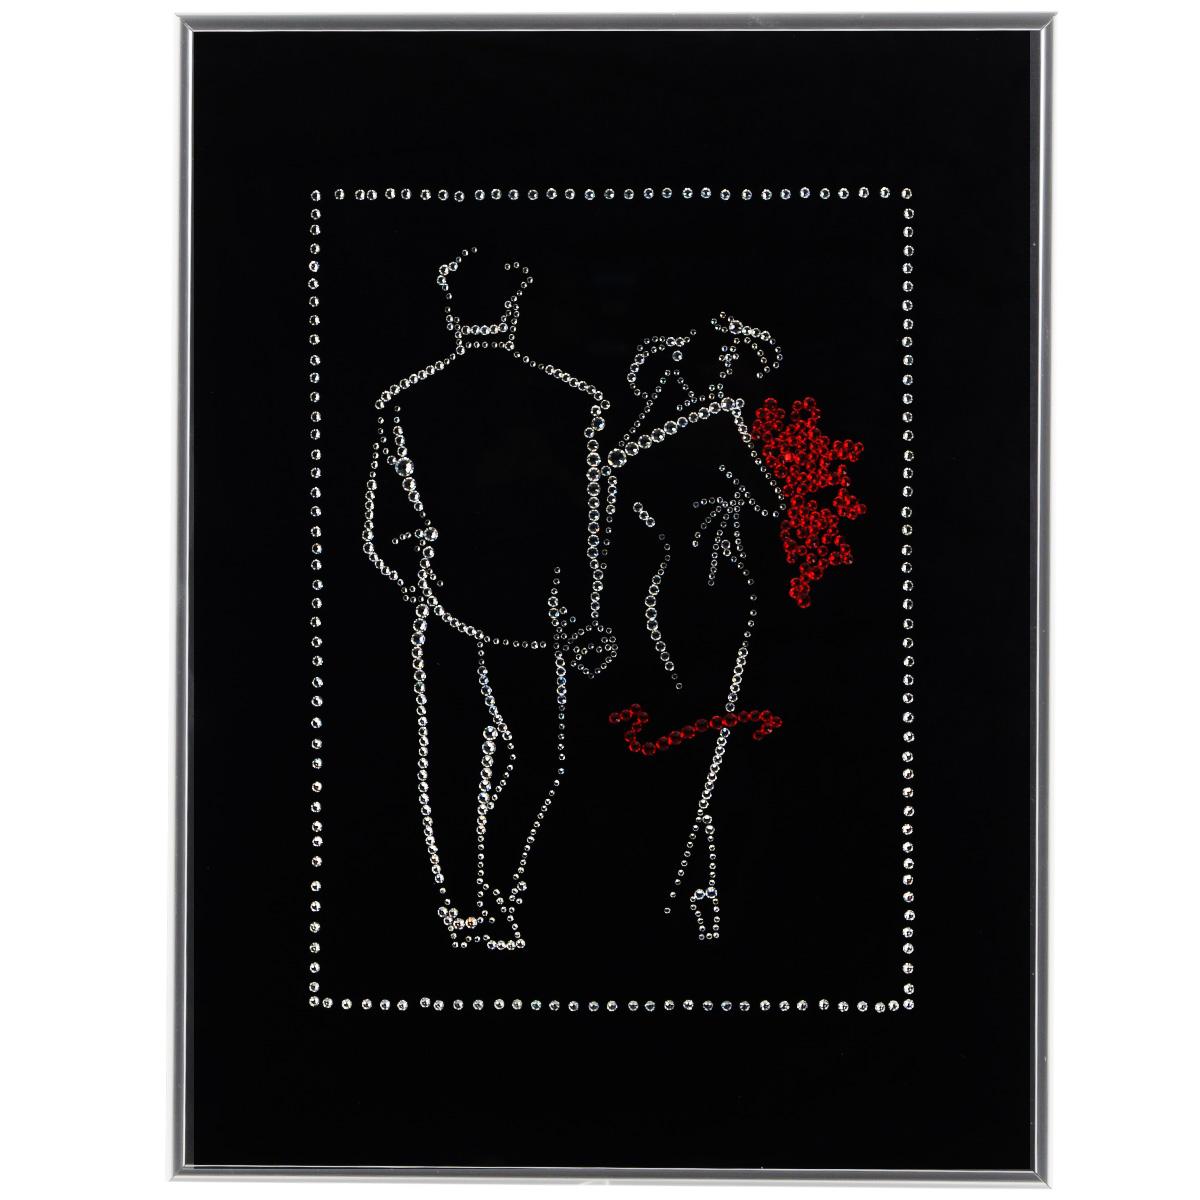 Картина с кристаллами Swarovski Свидание, 30 х 40 смPM-3003Изящная картина в металлической раме, инкрустирована кристаллами Swarovski в виде силуэтов мужчины и женщины. Кристаллы Swarovski отличаются четкой и ровной огранкой, ярким блеском и чистотой цвета. Под стеклом картина оформлена бархатистой тканью, что прекрасно дополняет блеск кристаллов. С обратной стороны имеется металлическая петелька для размещения картины на стене. Картина с кристаллами Swarovski Свидание элегантно украсит интерьер дома или офиса, а также станет прекрасным подарком, который обязательно понравится получателю. Блеск кристаллов в интерьере, что может быть сказочнее и удивительнее. Картина упакована в подарочную картонную коробку синего цвета и комплектуется сертификатом соответствия Swarovski.